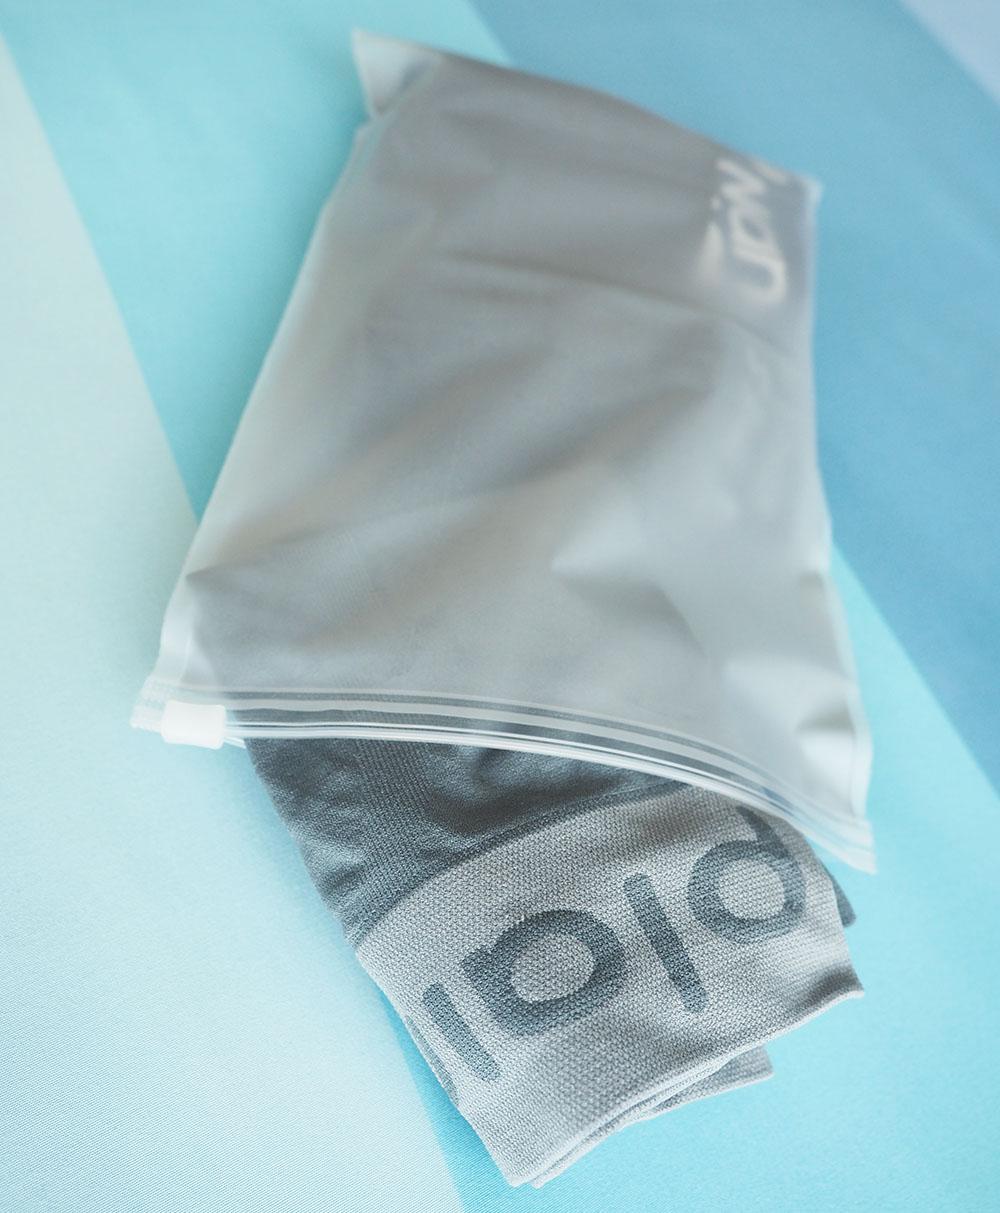 [เซต 35 ชิ้น] ถุงซิปรูดเอนกประสงค์ สำหรับใส่ของจัดระเบียบกระเป๋า Size S 35 ชิ้น